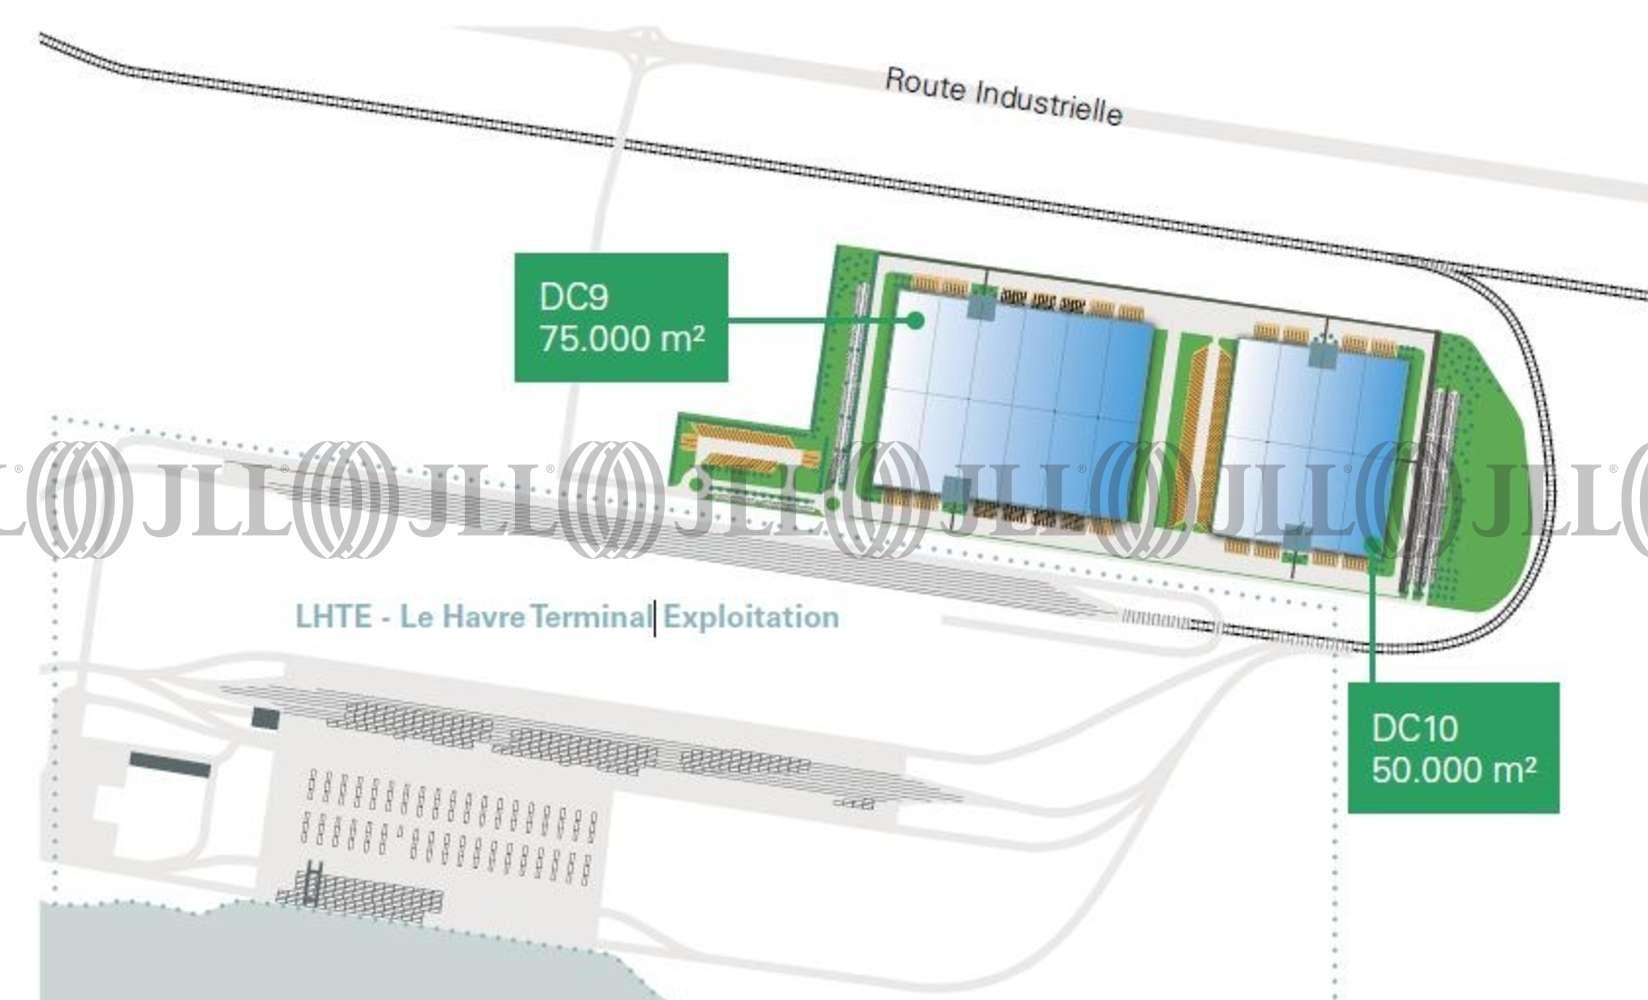 Plateformes logistiques St vigor d ymonville, 76430 - DC 10